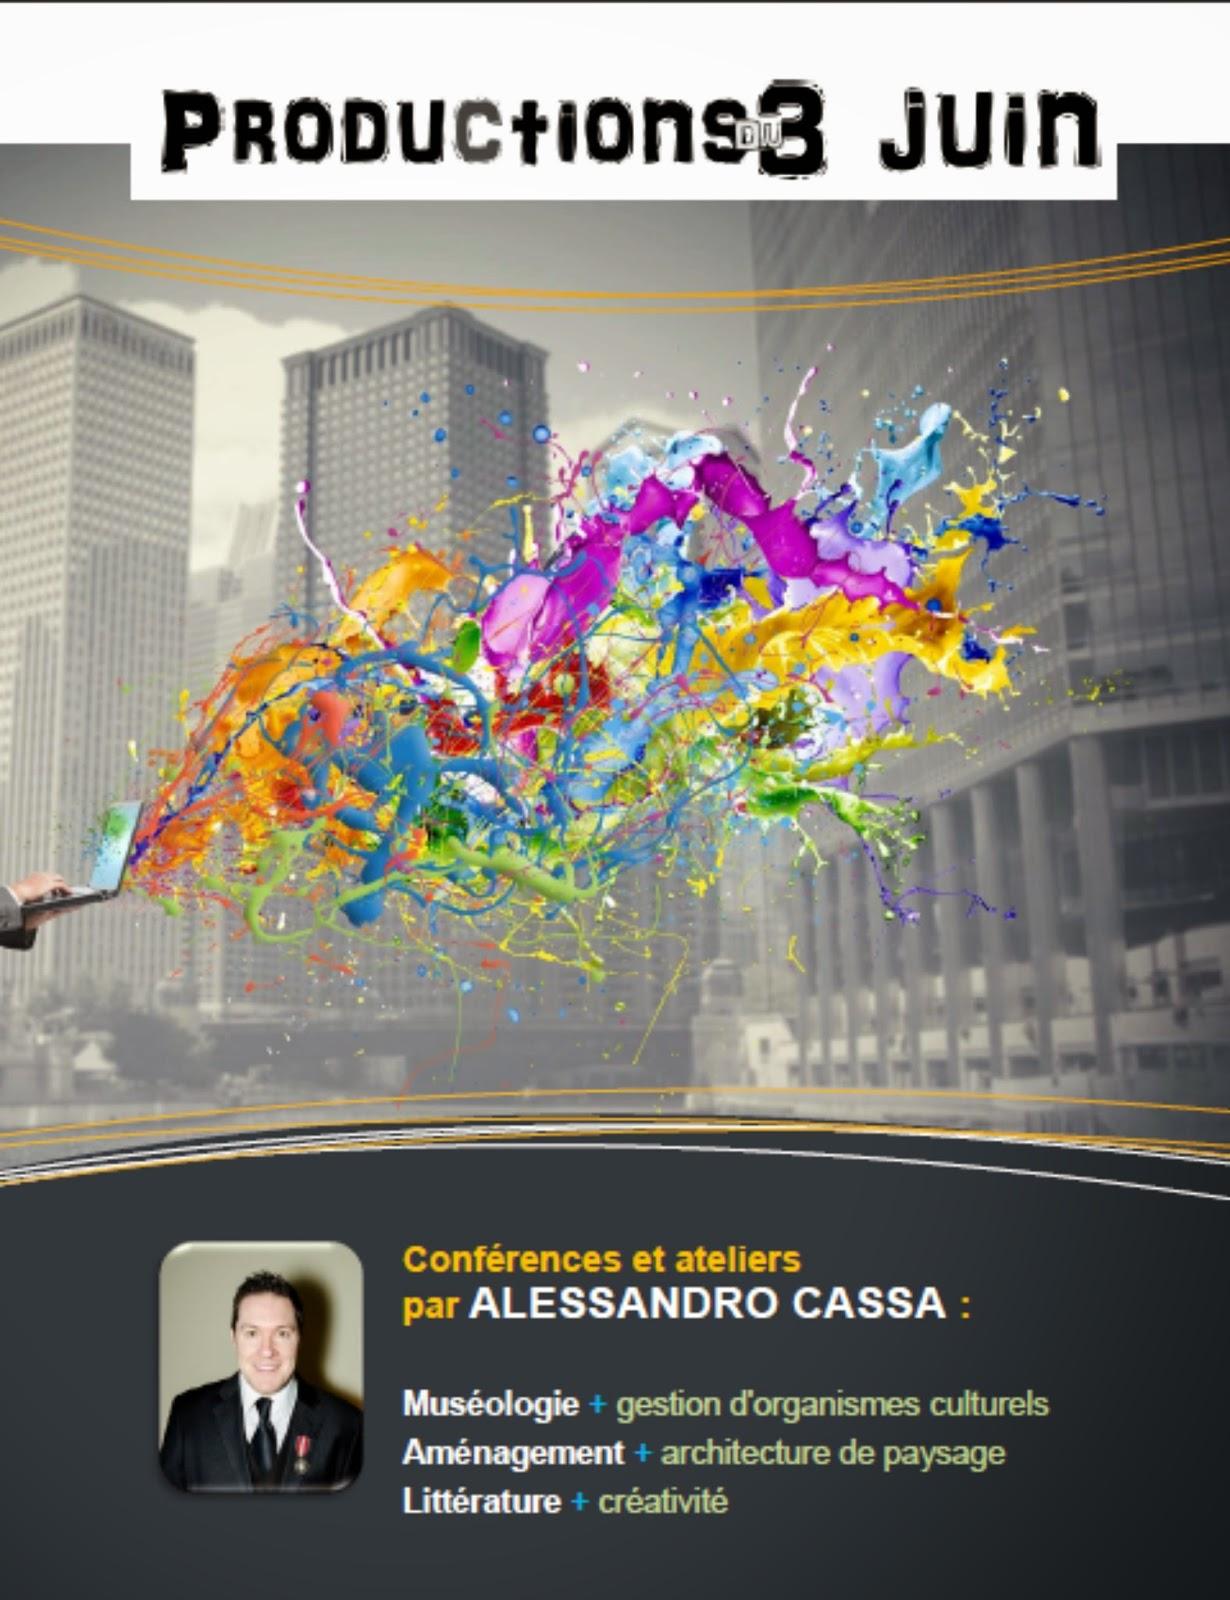 Productions du 3 juin (conférences Alessandro Cassa) page 1